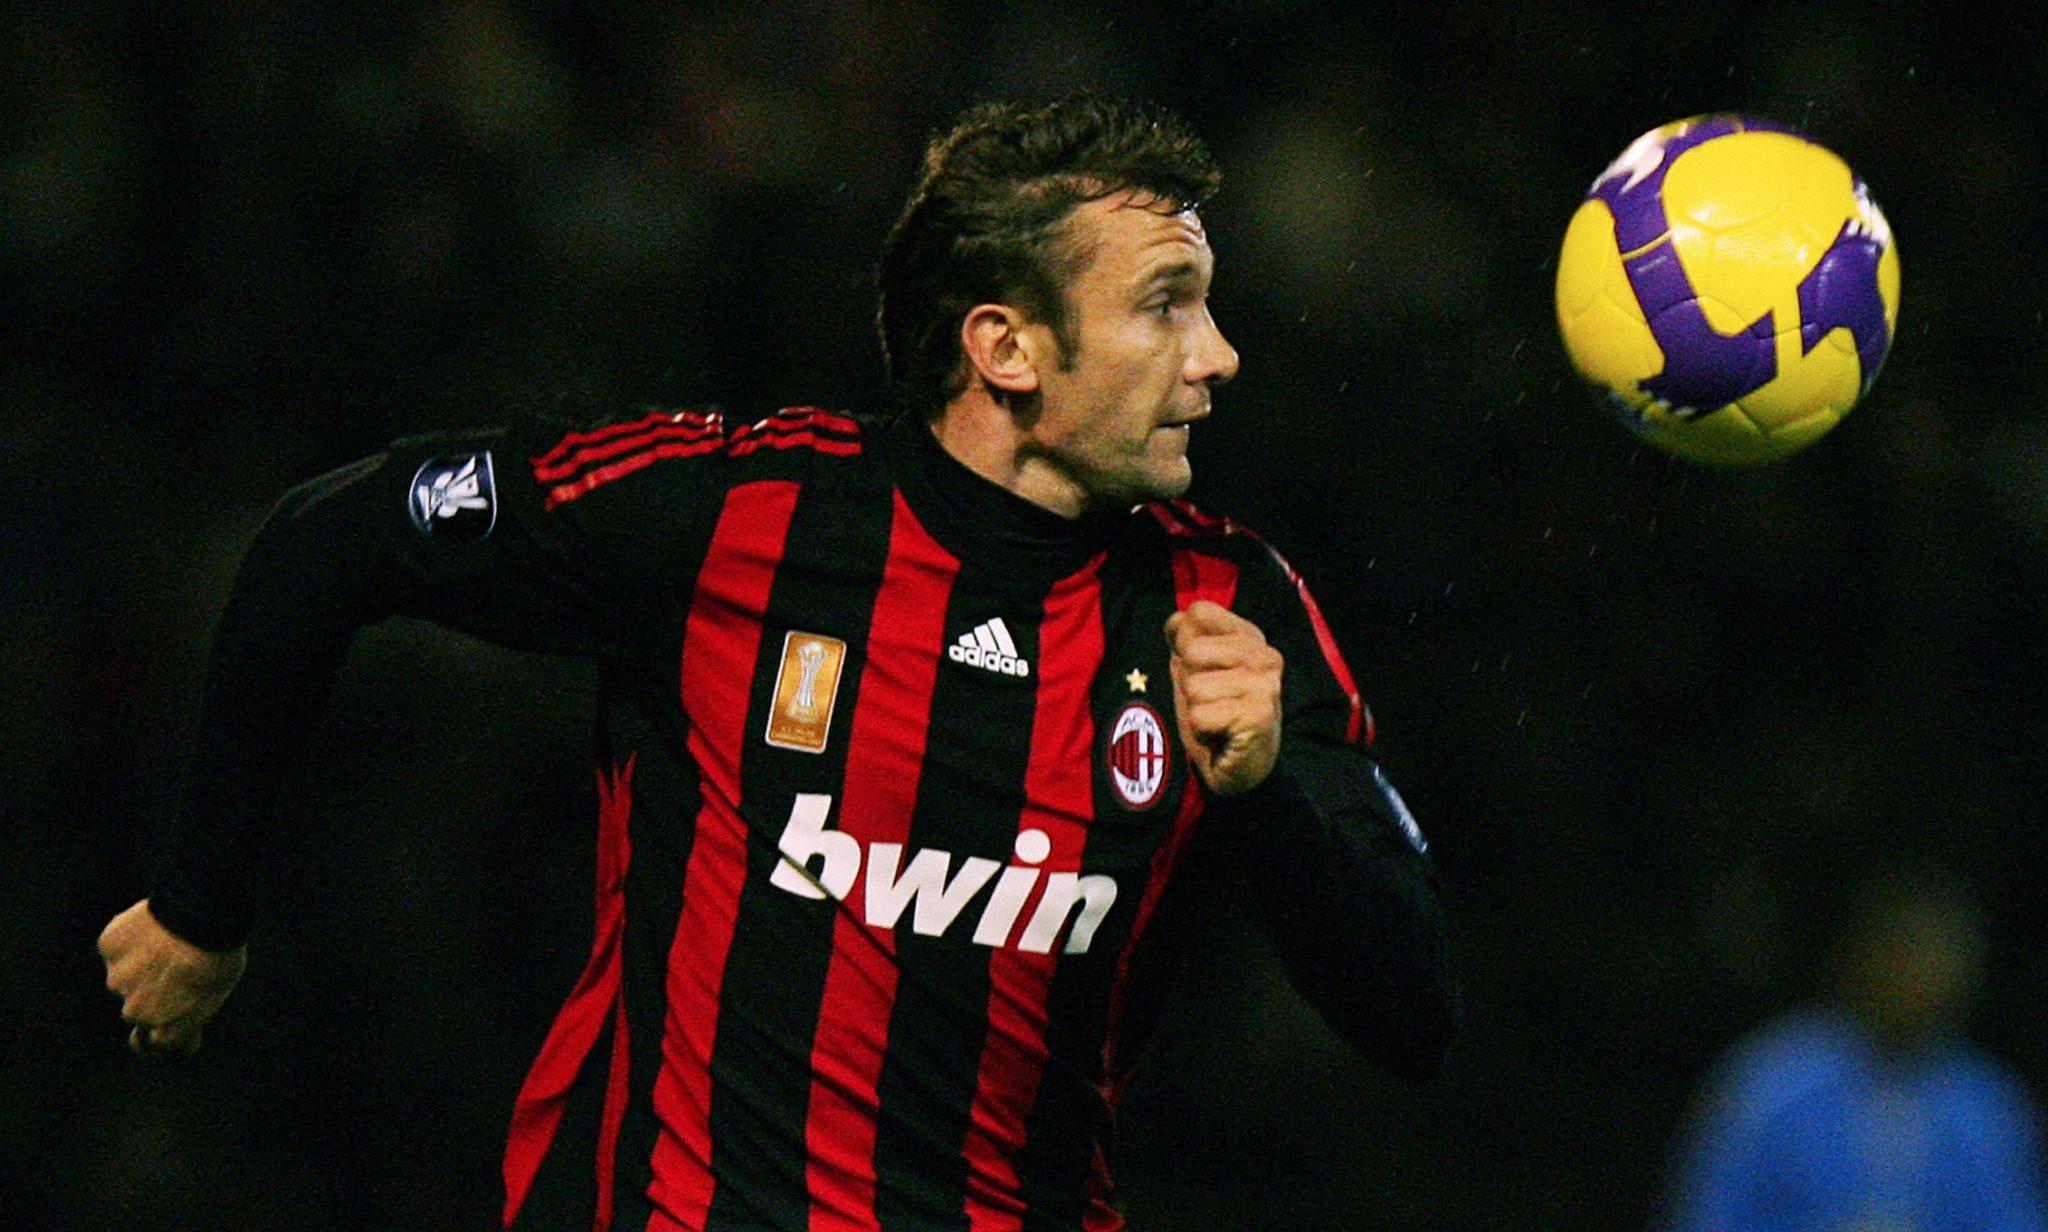 """Em sua segunda experiência no Milan, Shevchenko passou de máquina de gols a atacante """"brigado"""" com as redes (AFP/Getty)"""